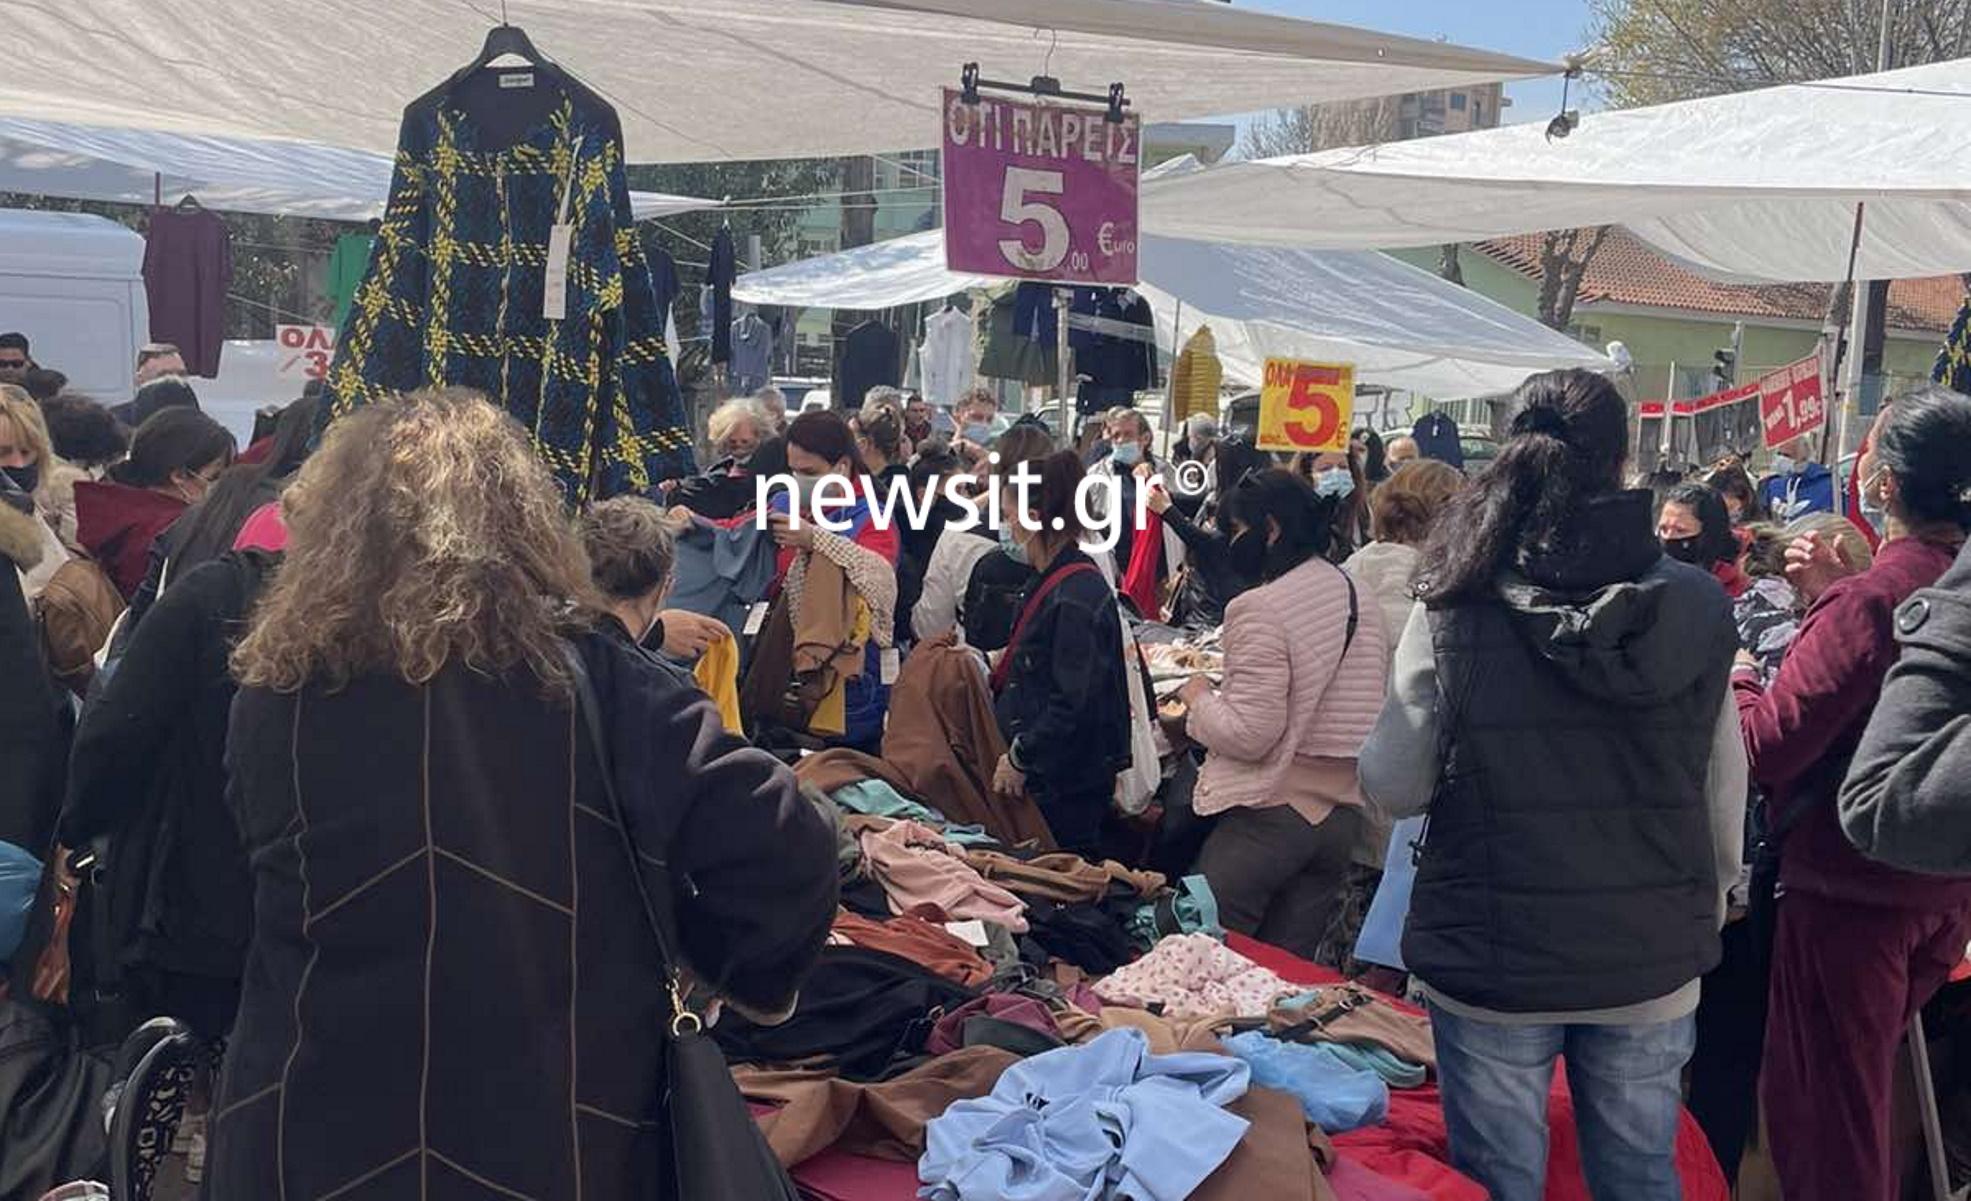 Θεσσαλονίκη: «Βούλιαξαν» οι λαϊκές αγορές μετά την απόφαση – ανατροπή για το λιανεμπόριο (pics, vid)